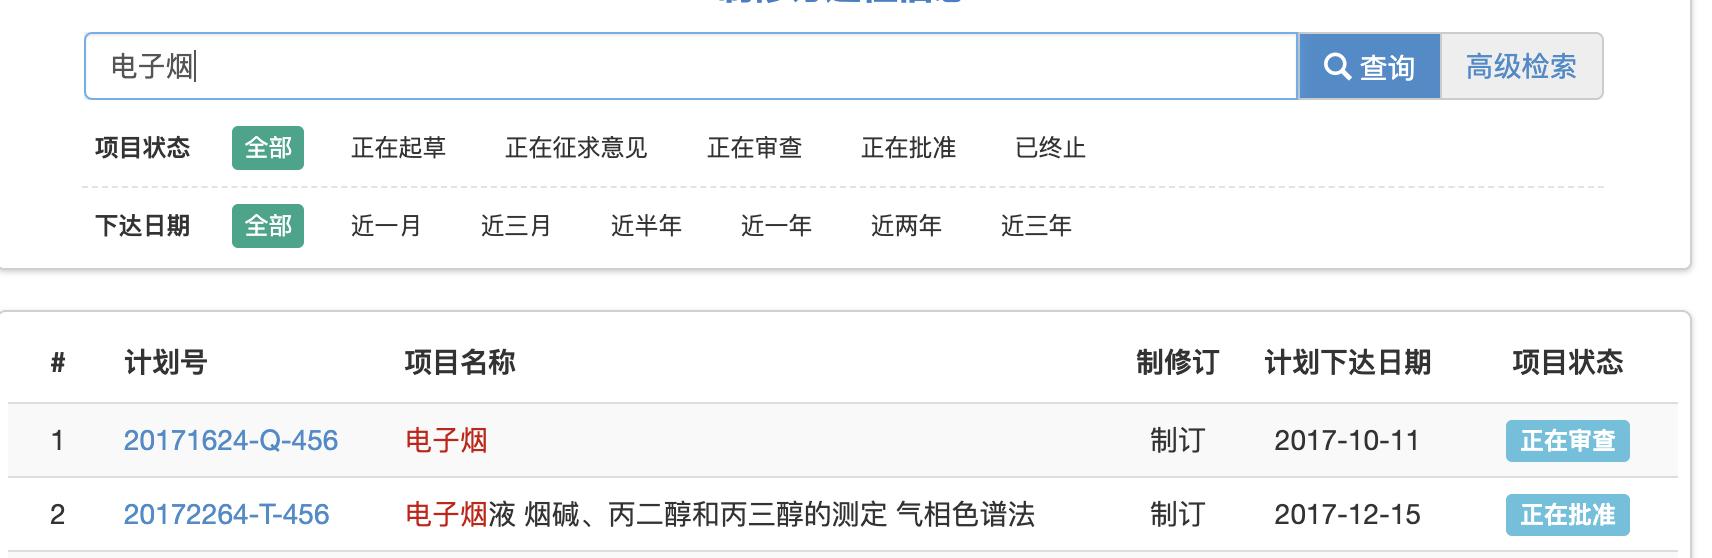 官网页面截图